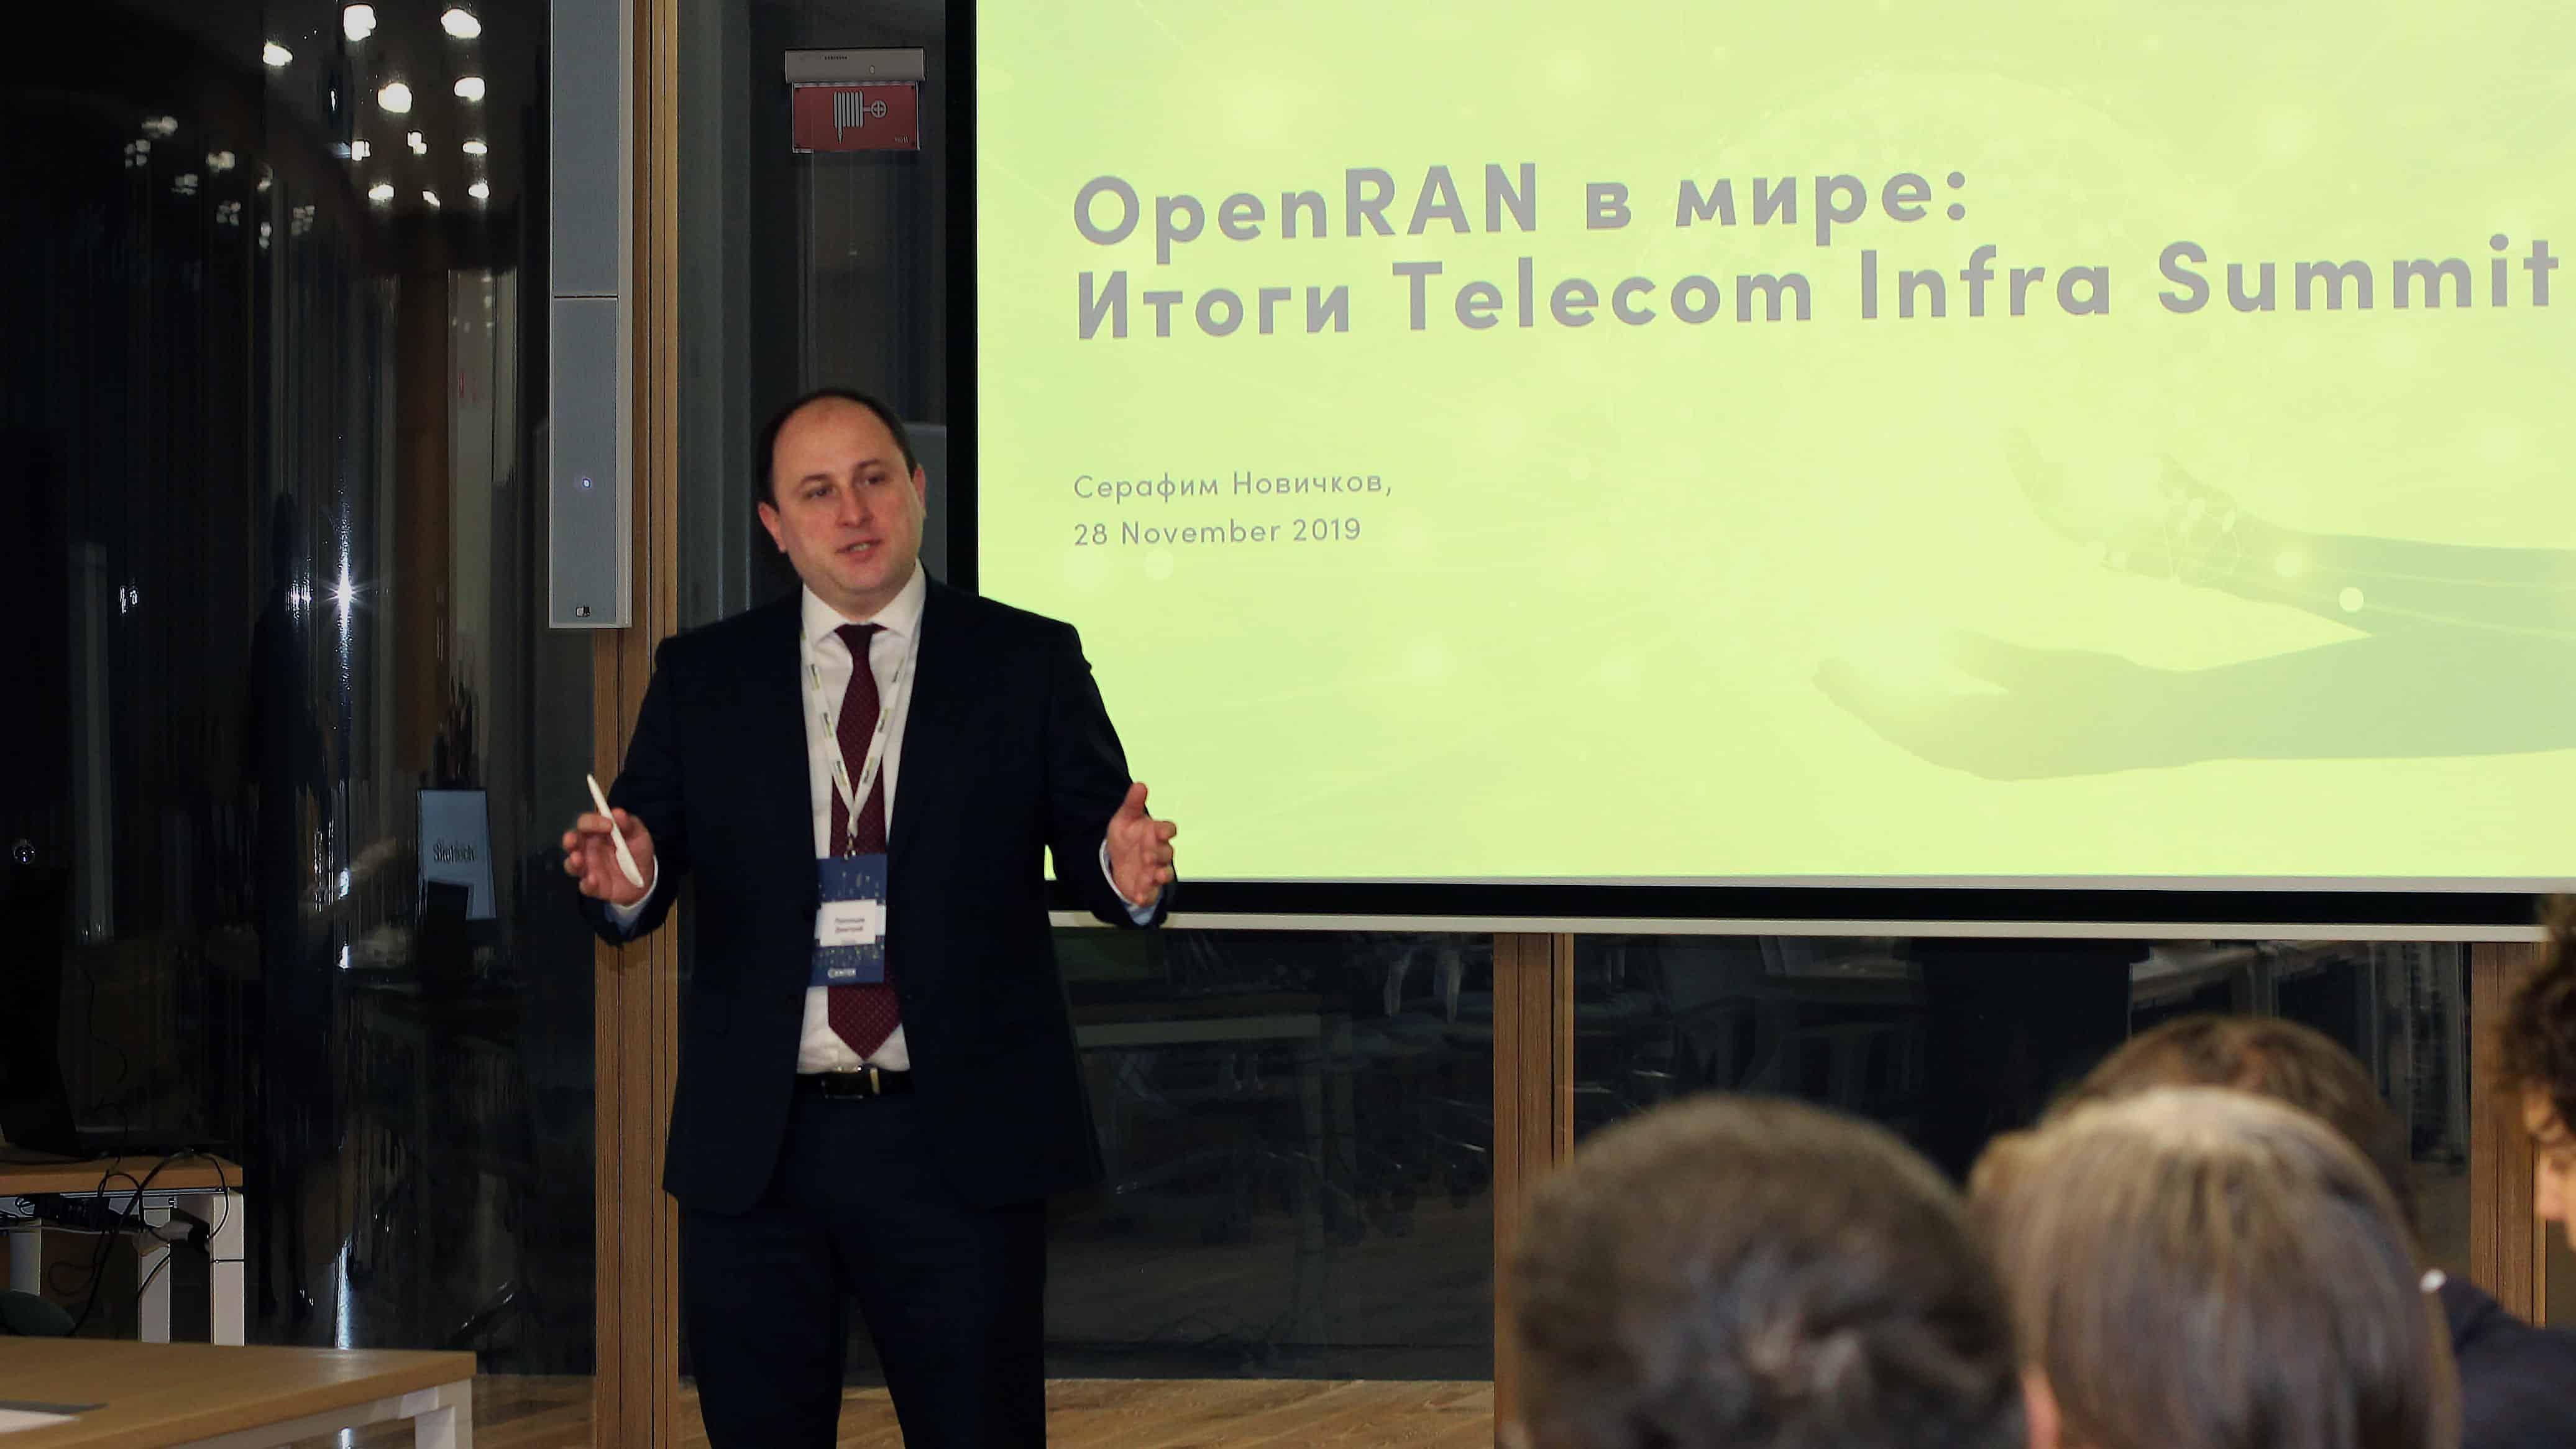 Центр компетенций НТИ по беспроводной связи и интернету вещей (ЦК НТИ БСИВ) при Сколтехе и операторы связи будут работать над перспективными технологиями Open RAN. Это стандарты открытых интерфейсов сетей радиодоступа,…